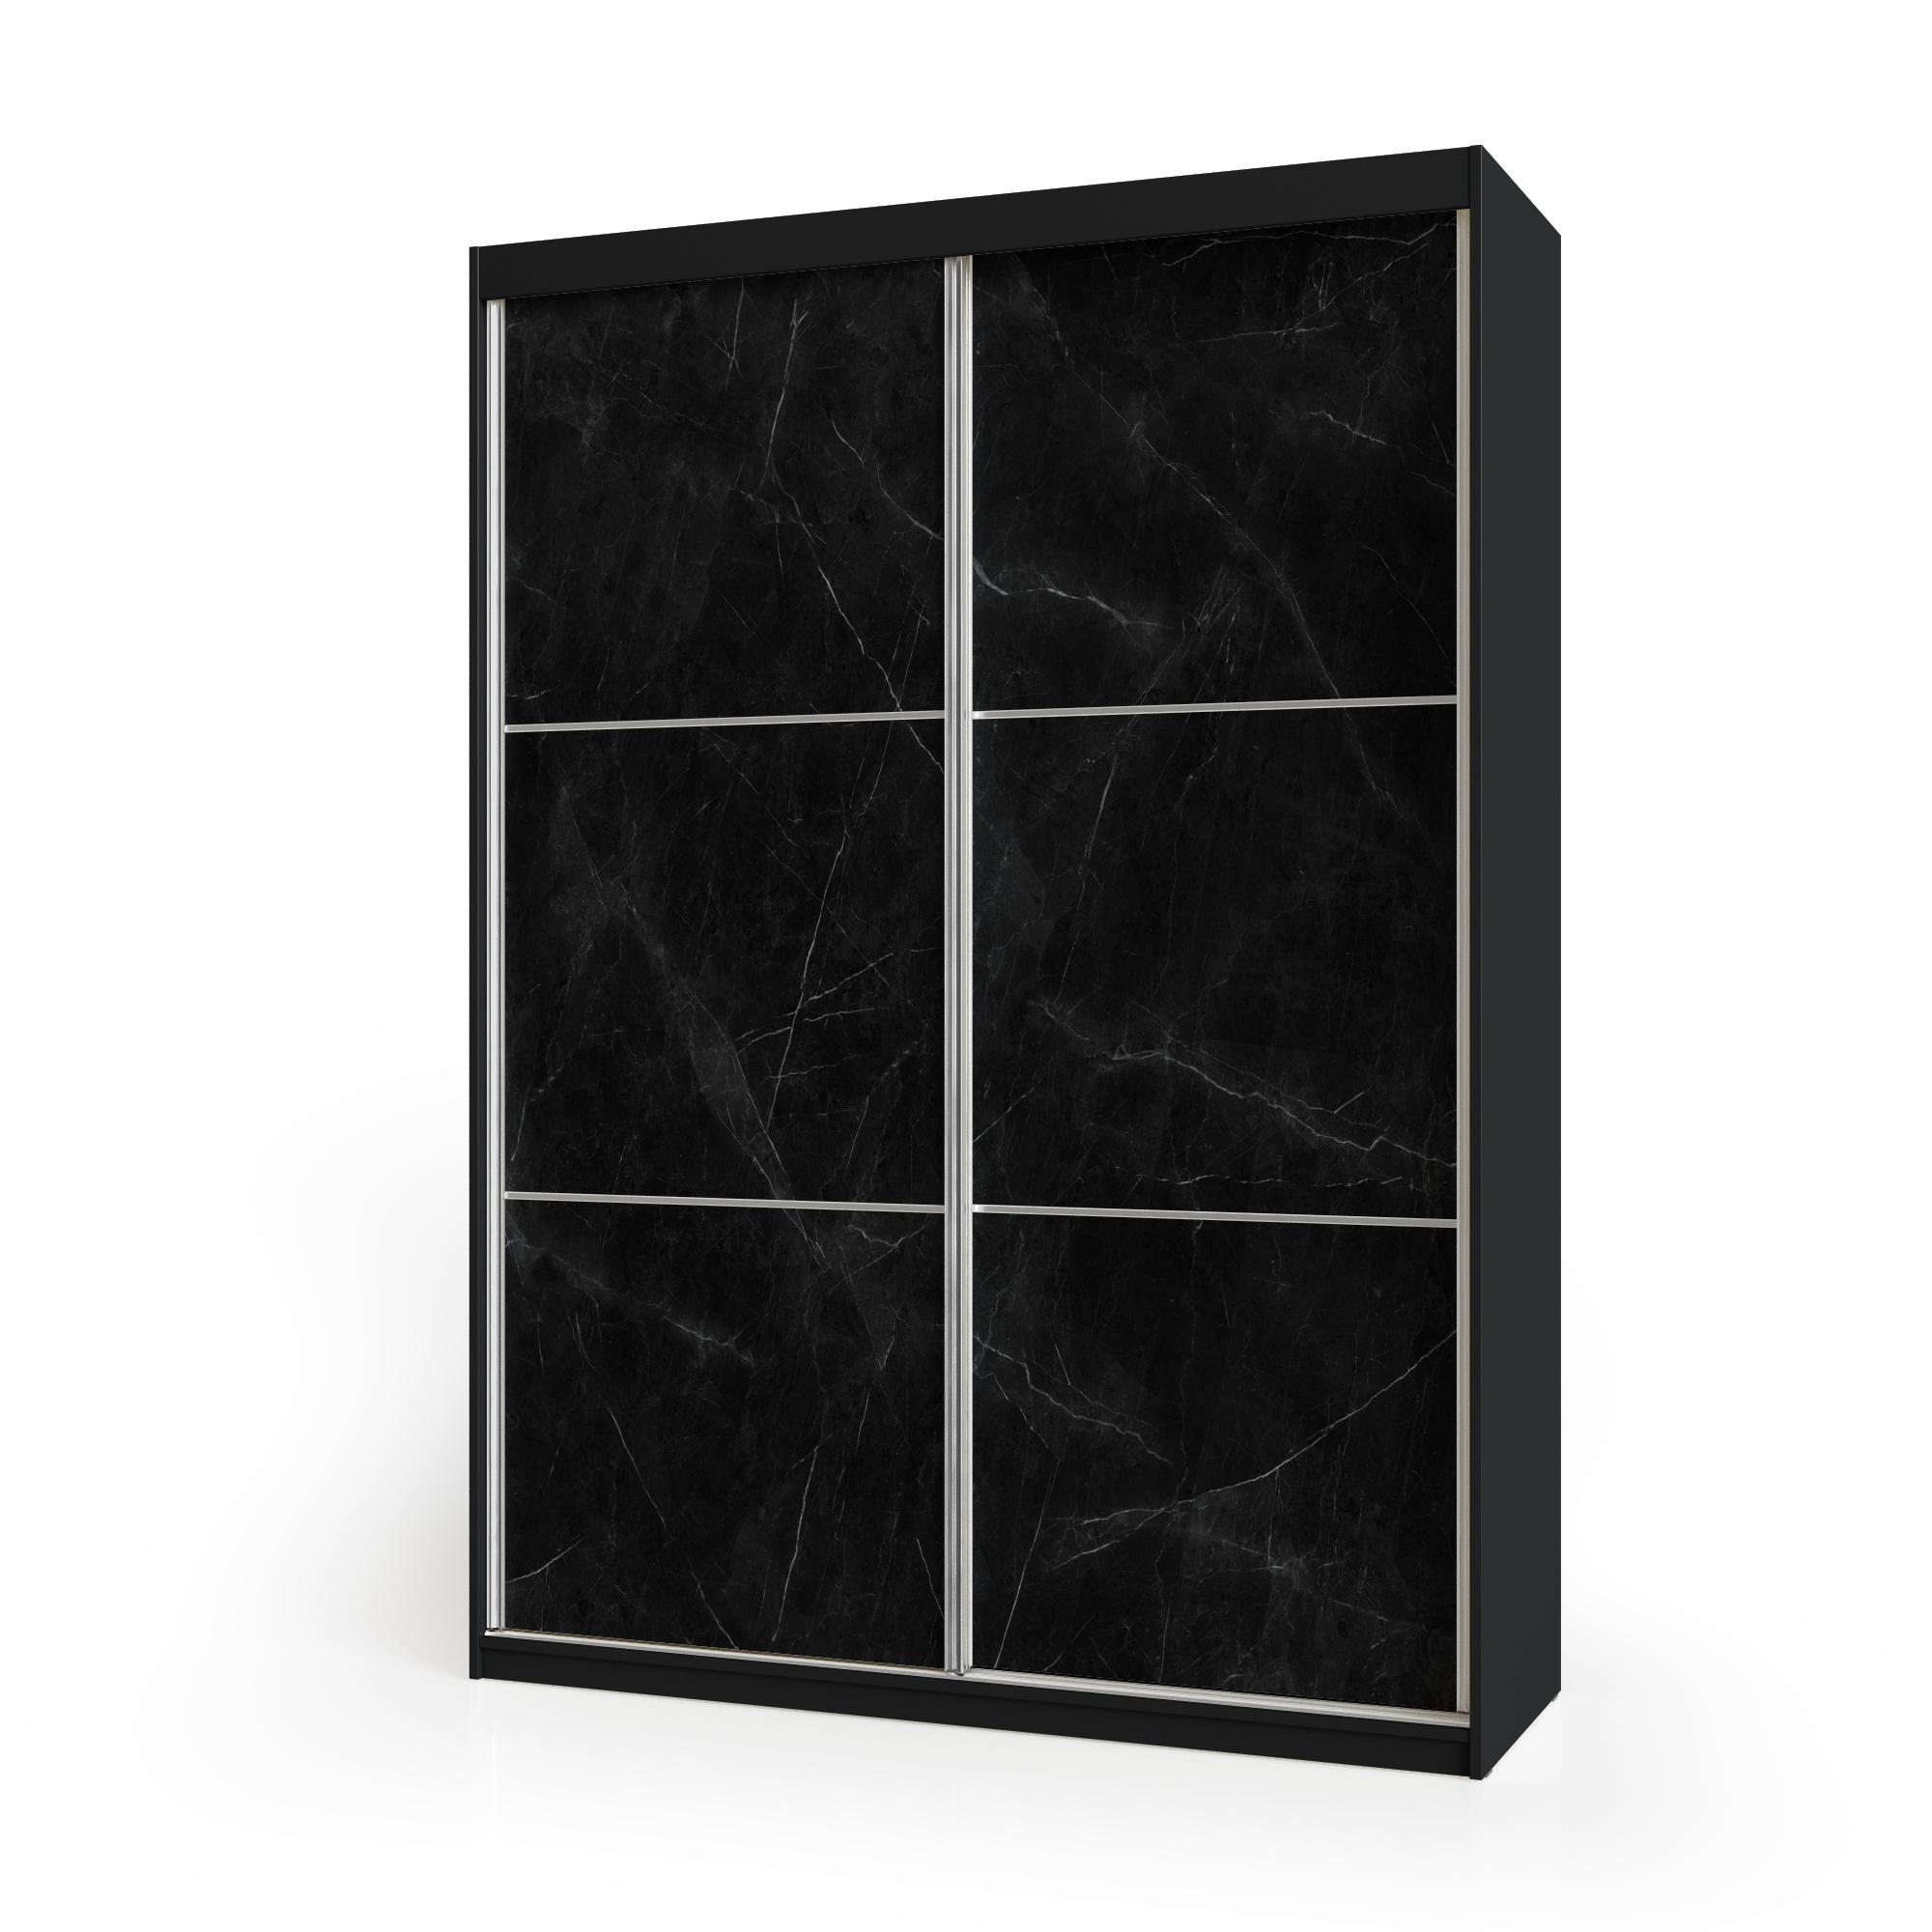 ארוןהזזה 2 דלתות משולב 2 צבעיםדגם שחור